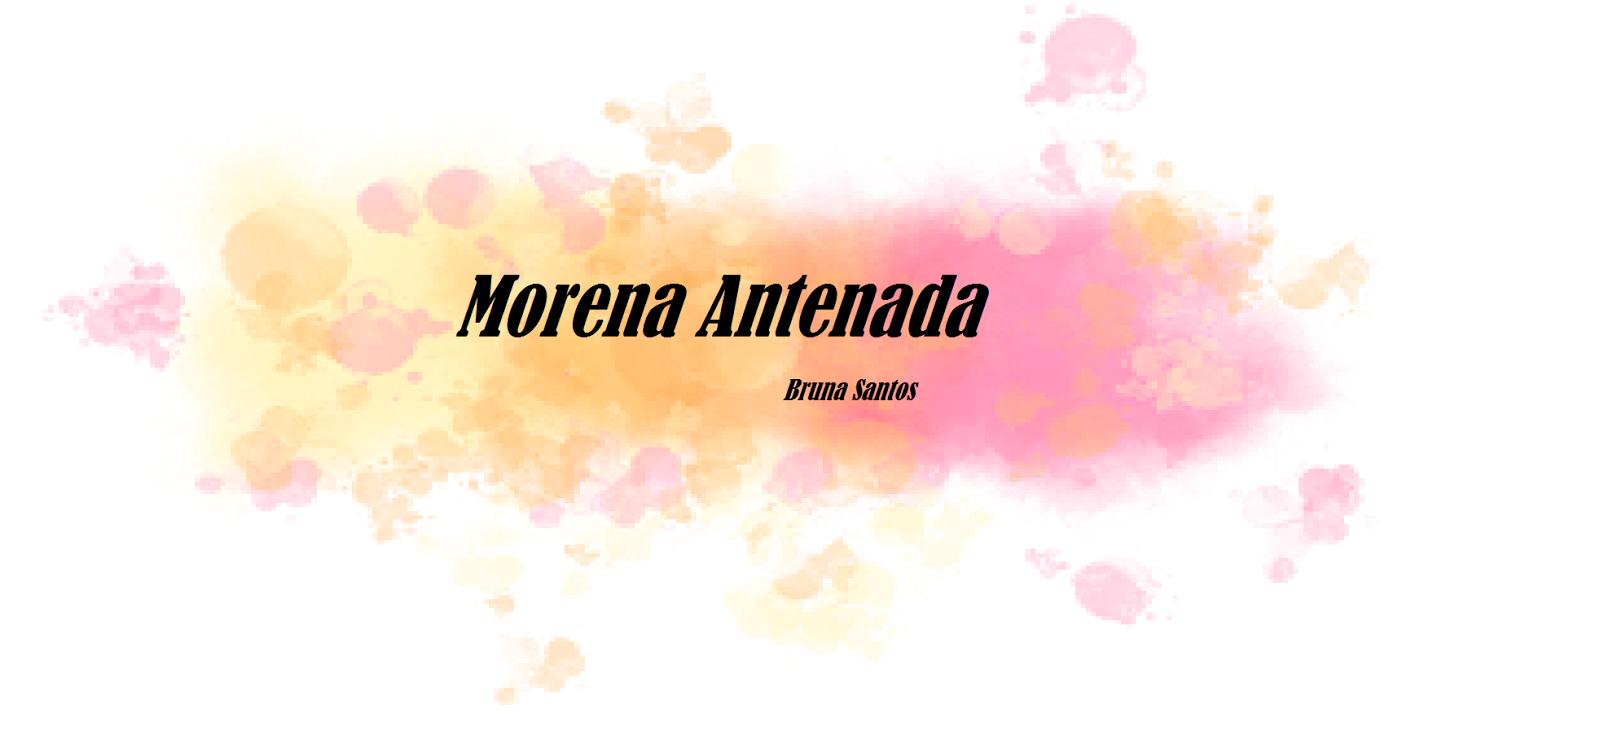 Morena  Antenada